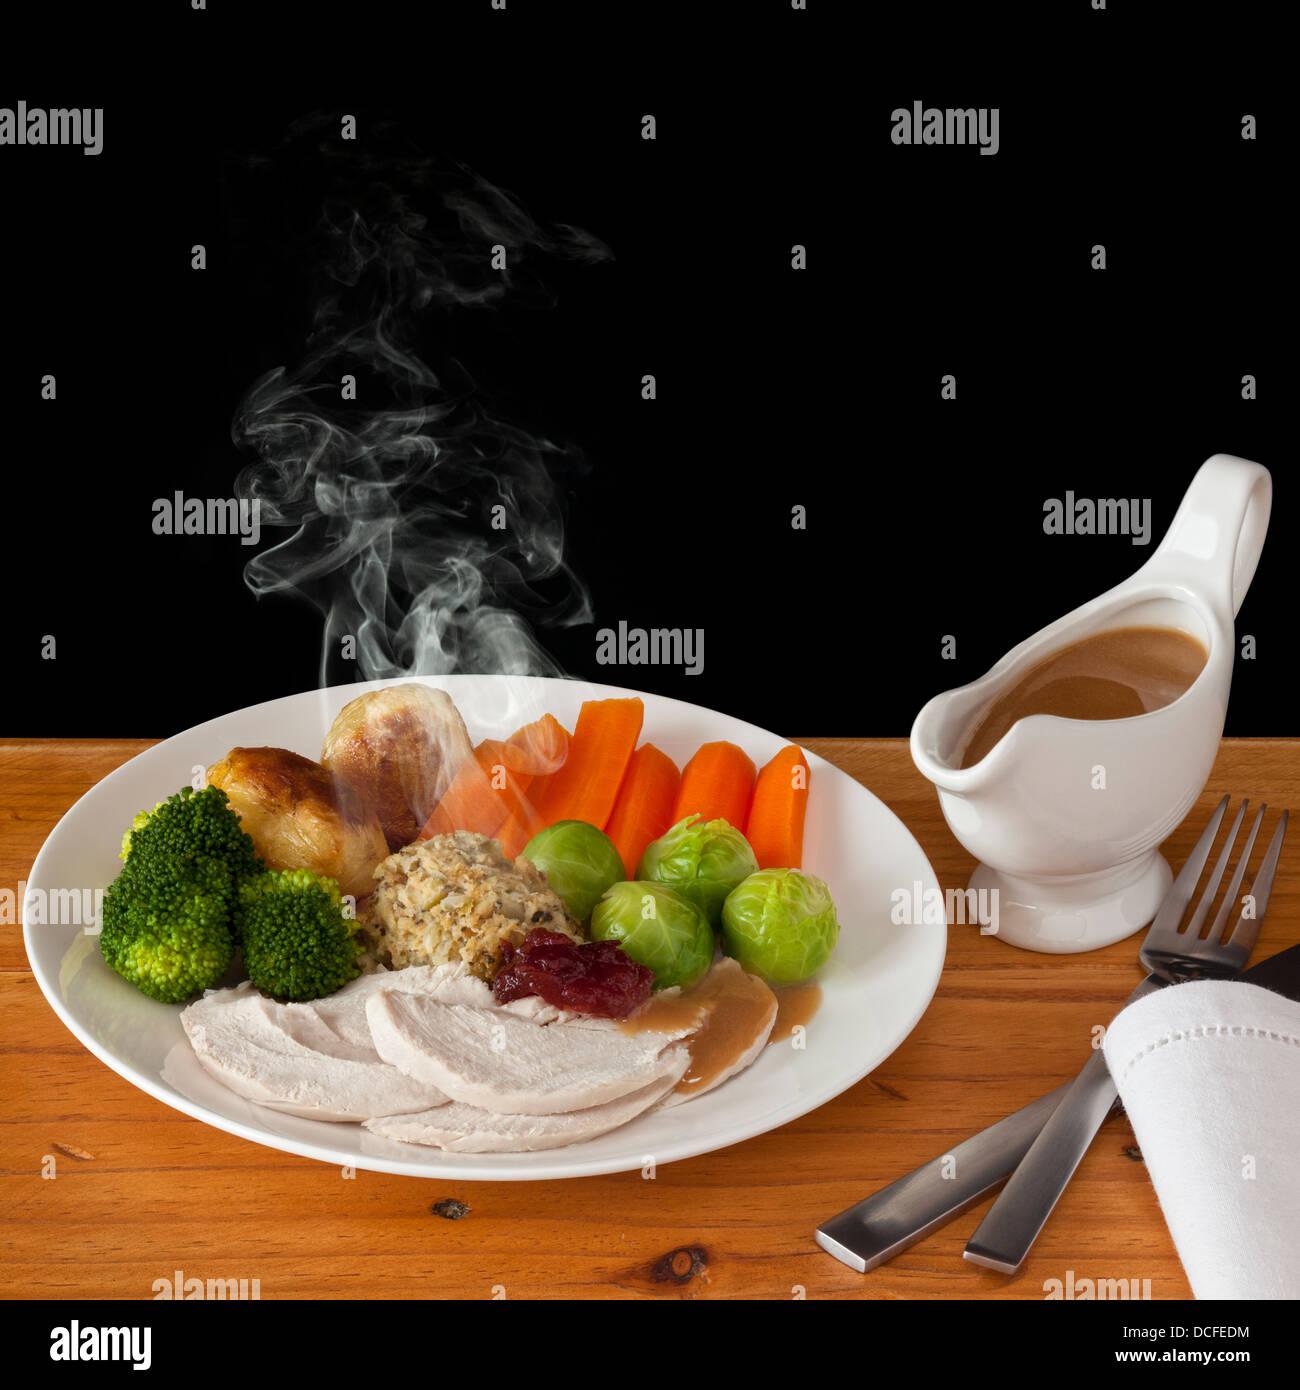 Poulet rôti - un dîner typique de Noël déjeuner avec l'augmentation de vapeur visible, avec Photo Stock